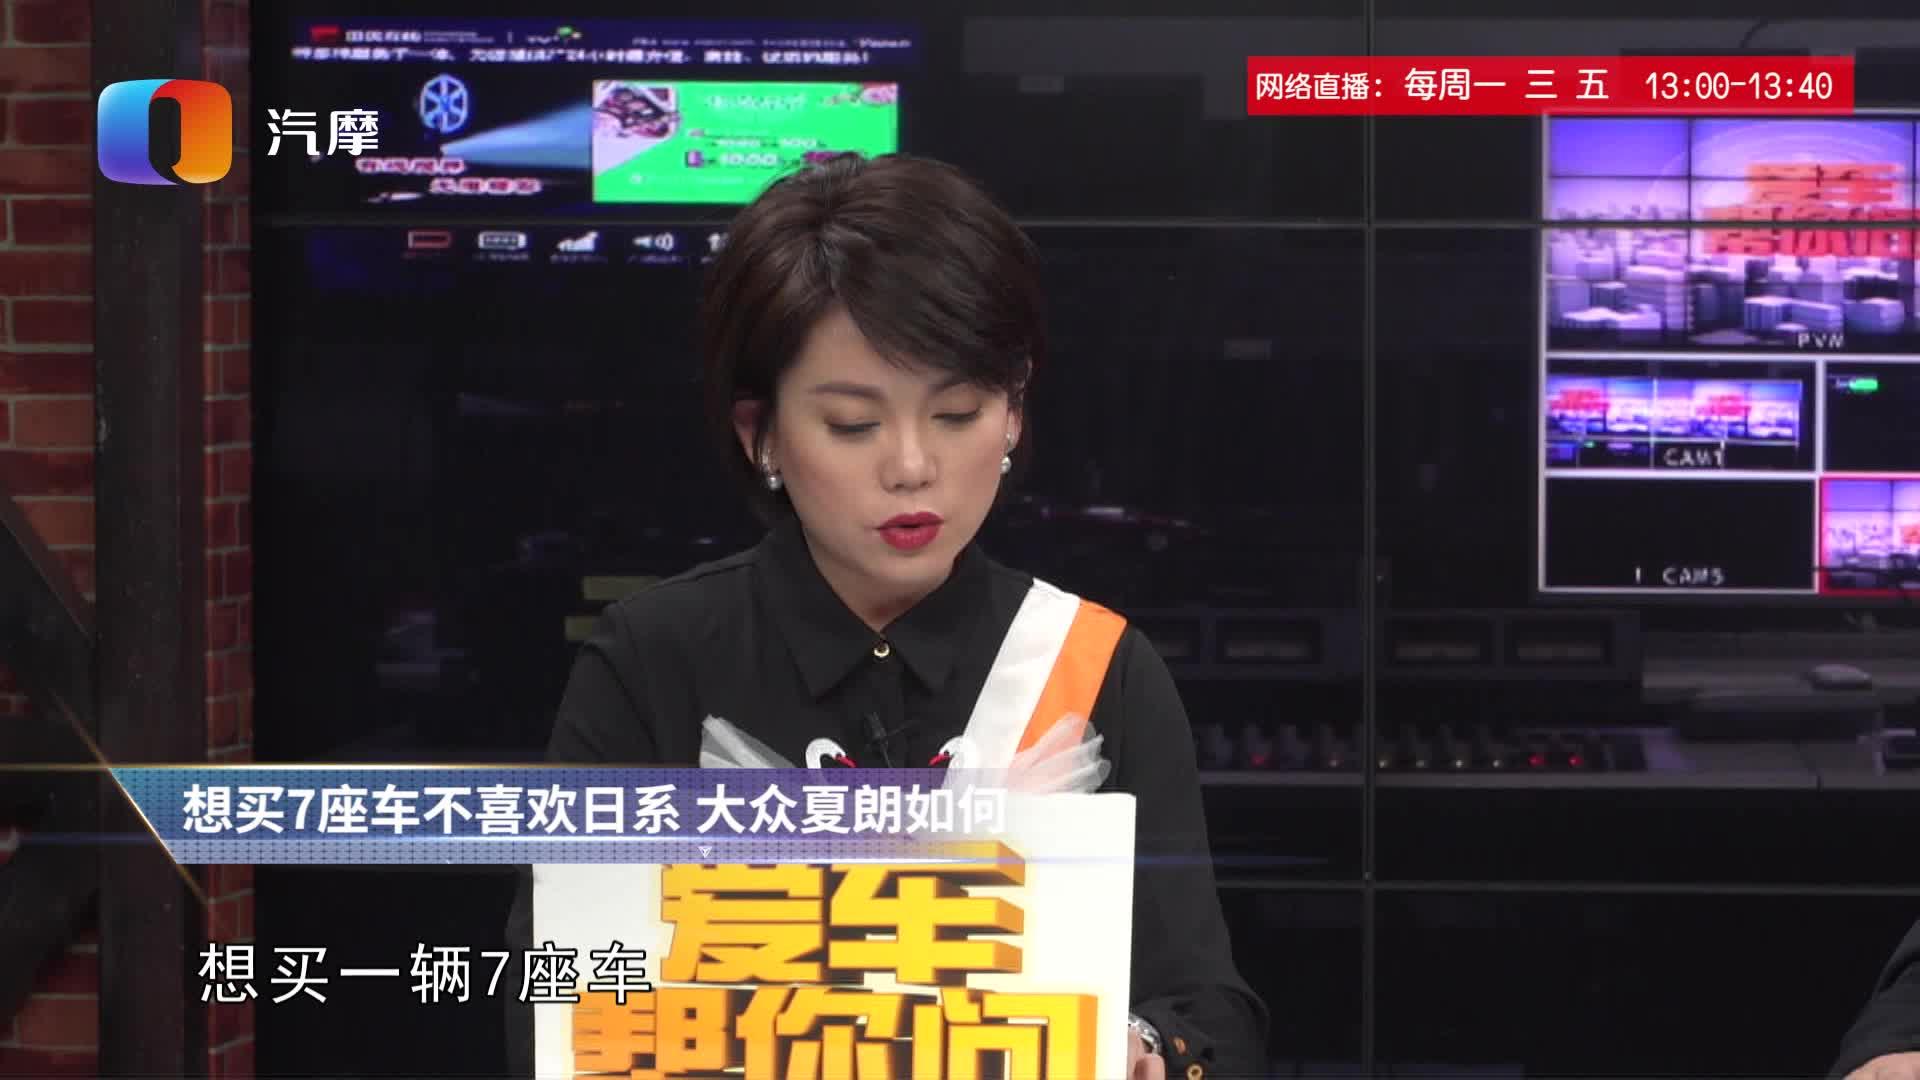 视频:想买七座车不喜欢日系 买大众夏朗如何?